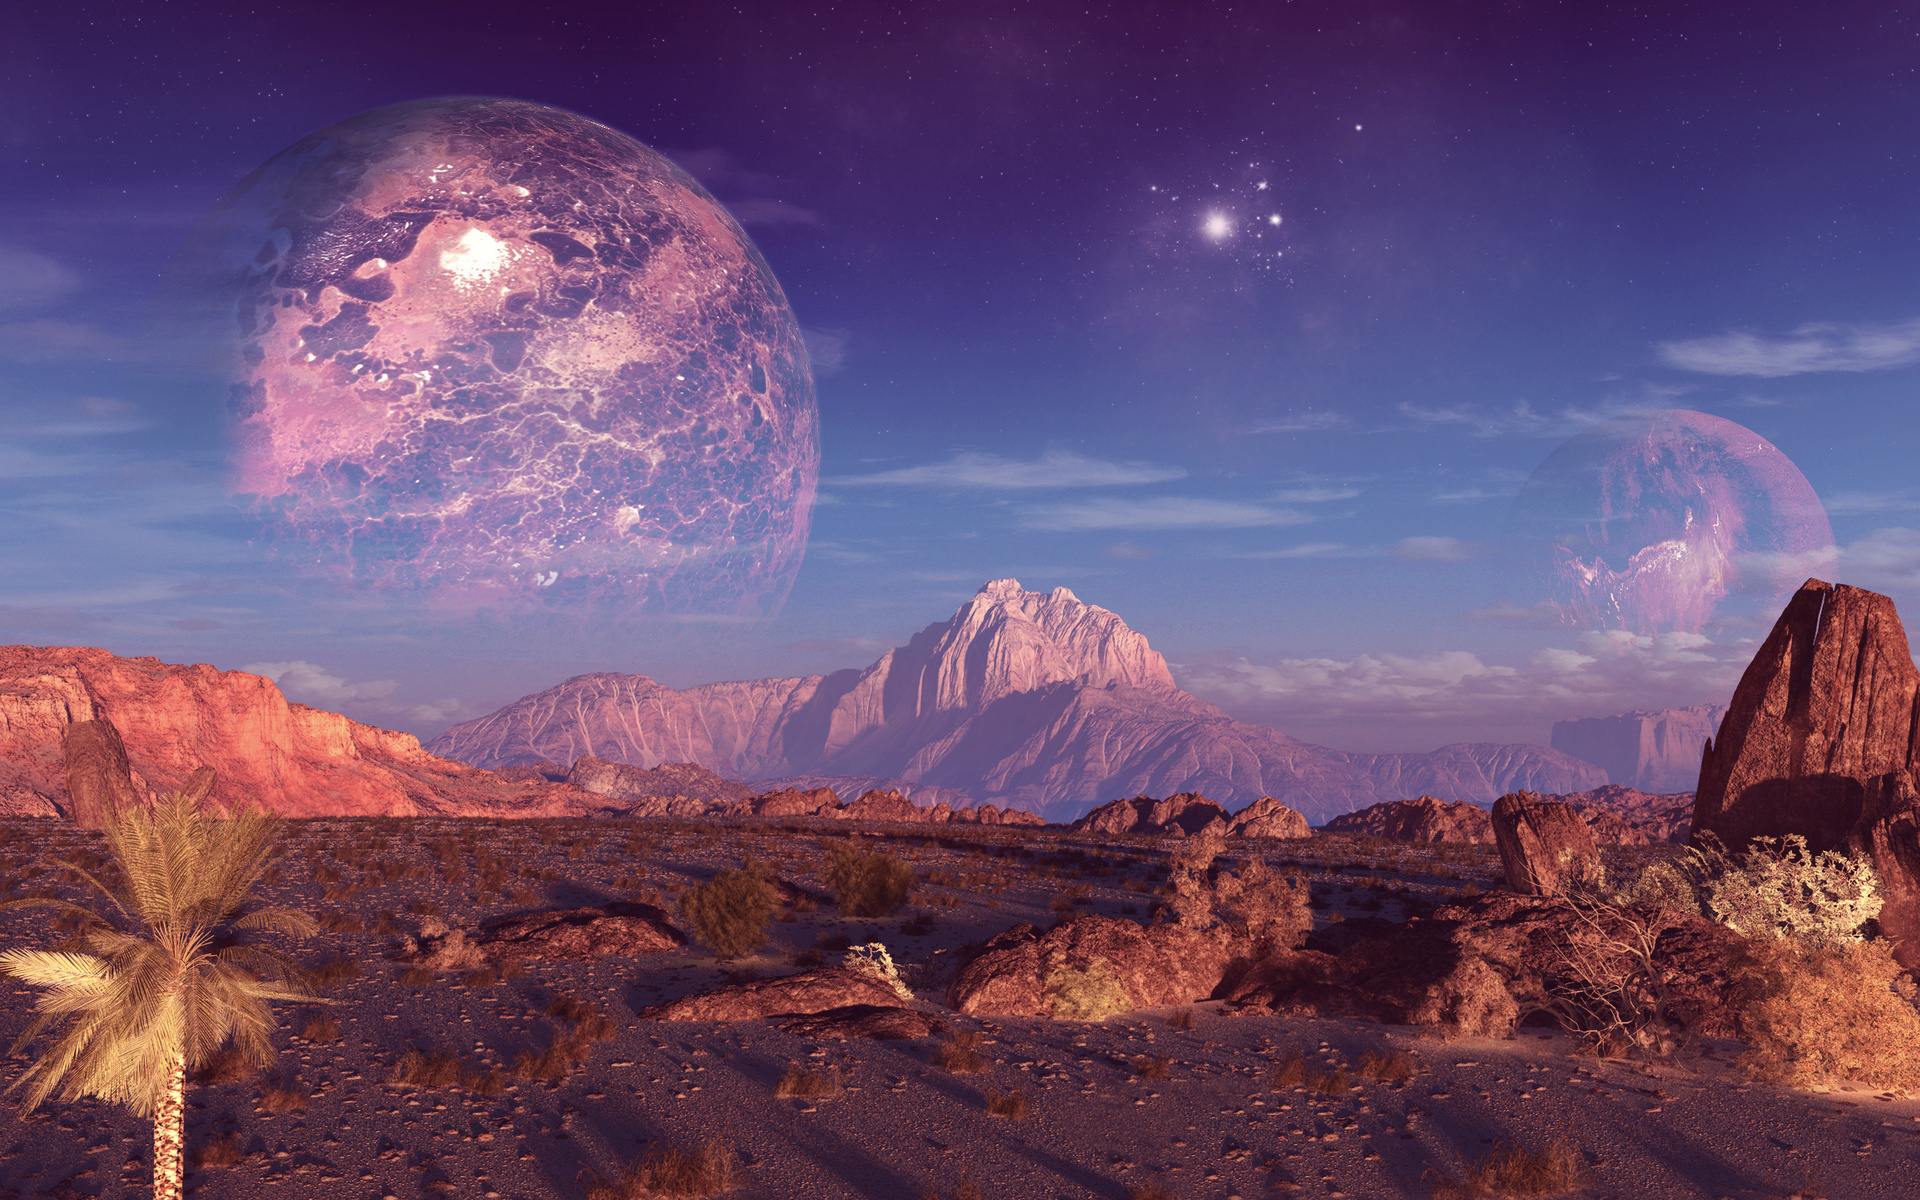 рисковать, смотреть картинки других планет инопланетяне